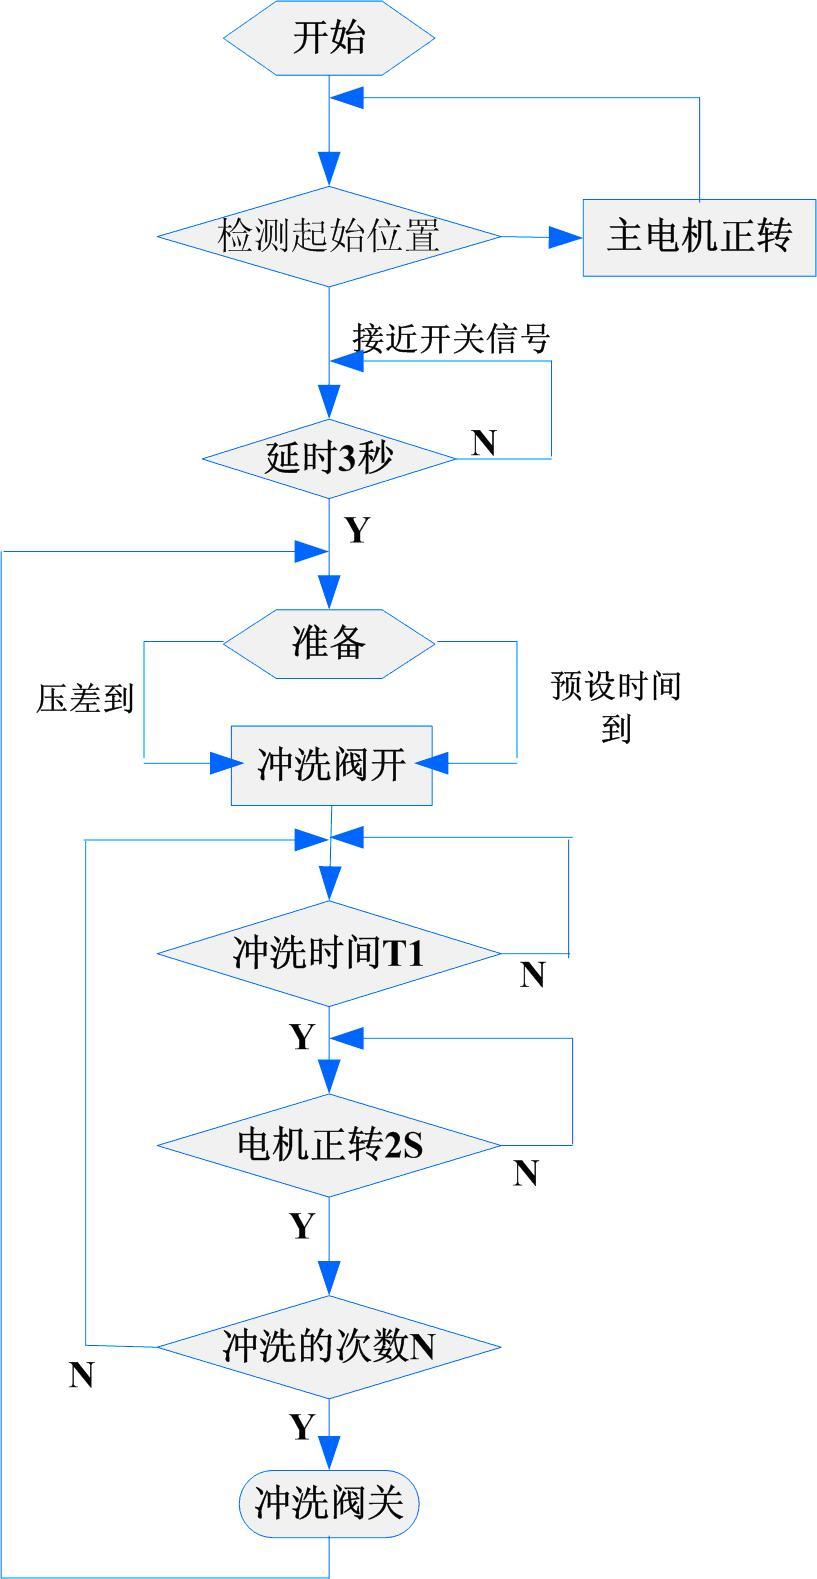 和利时plc控制系统程序流程图